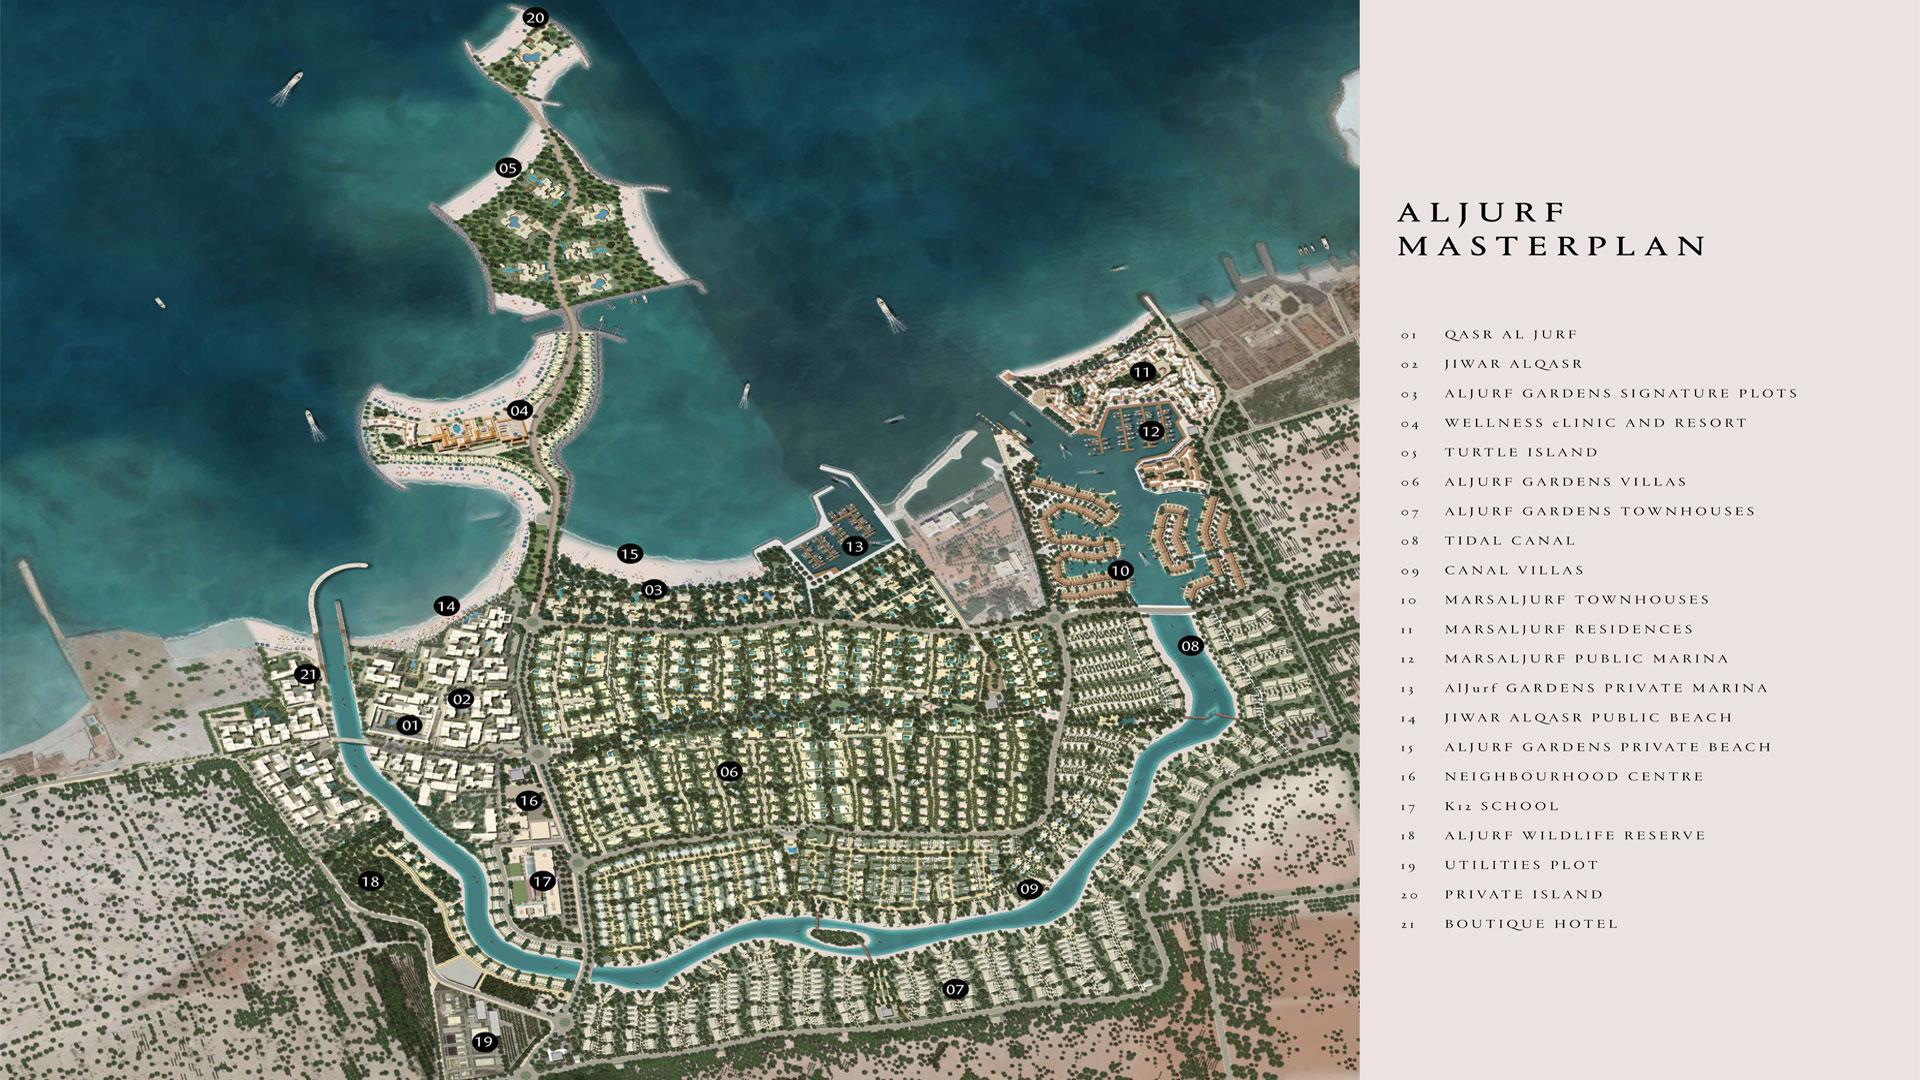 AlJurf-Shaden-Villas Master Plan